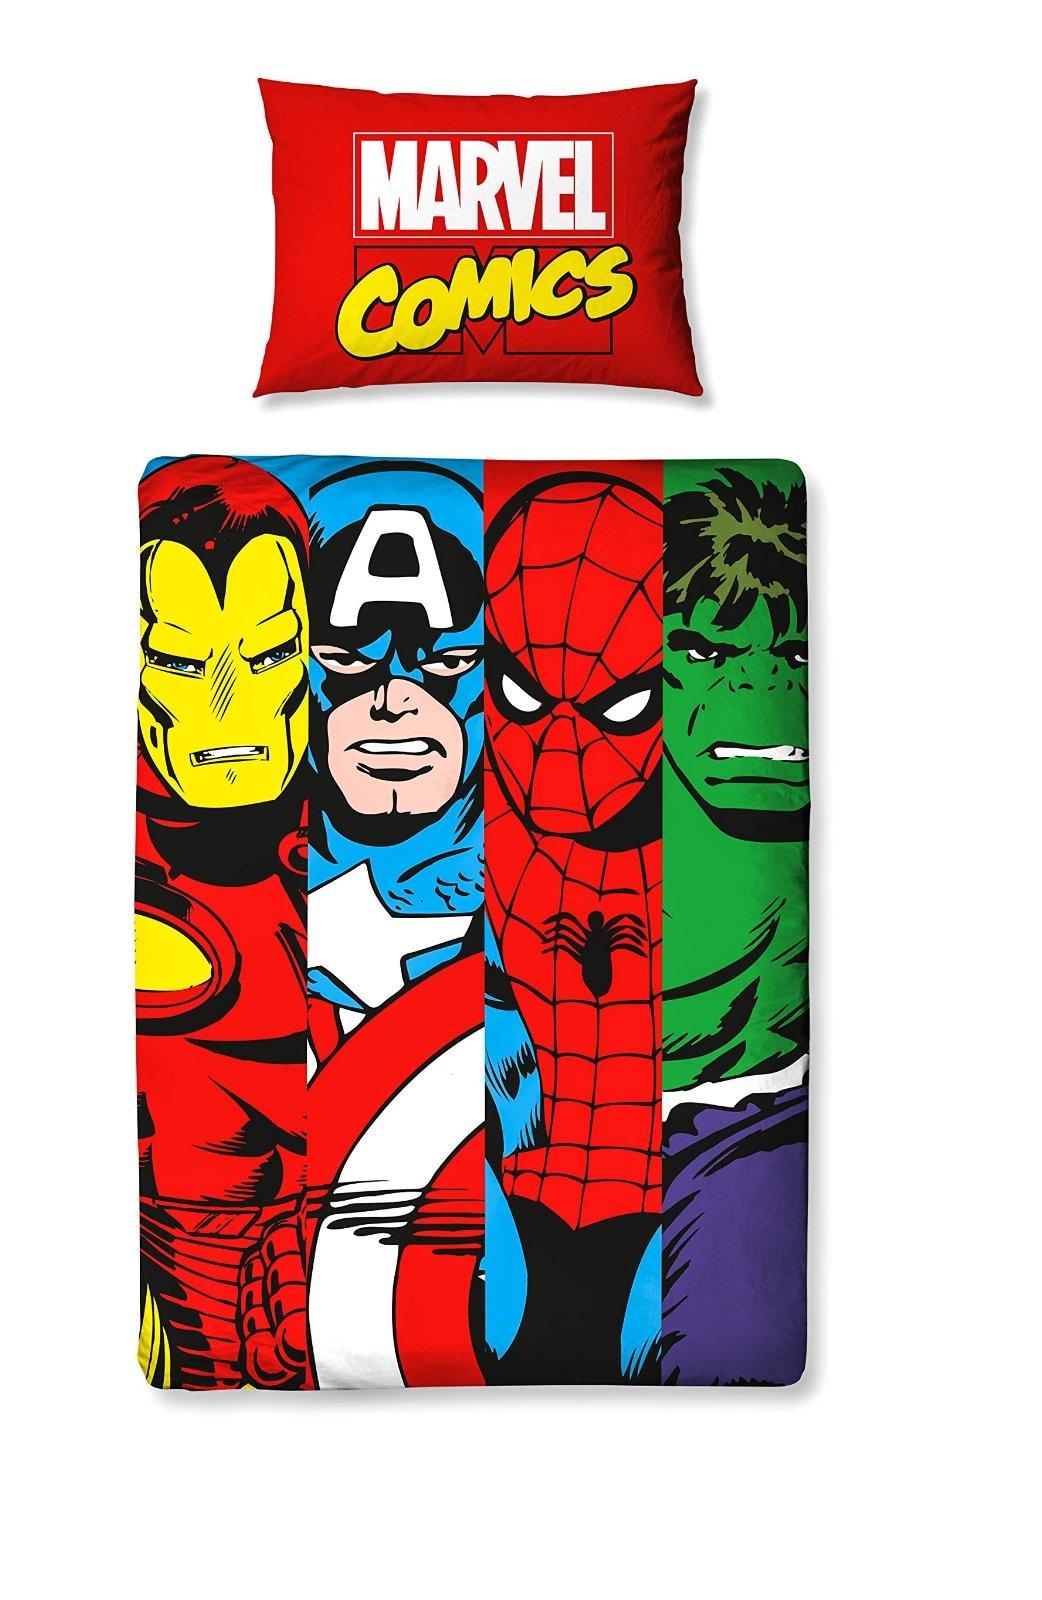 Marvel Avengers Comics Duvet Quilt Cover Bedding Set For